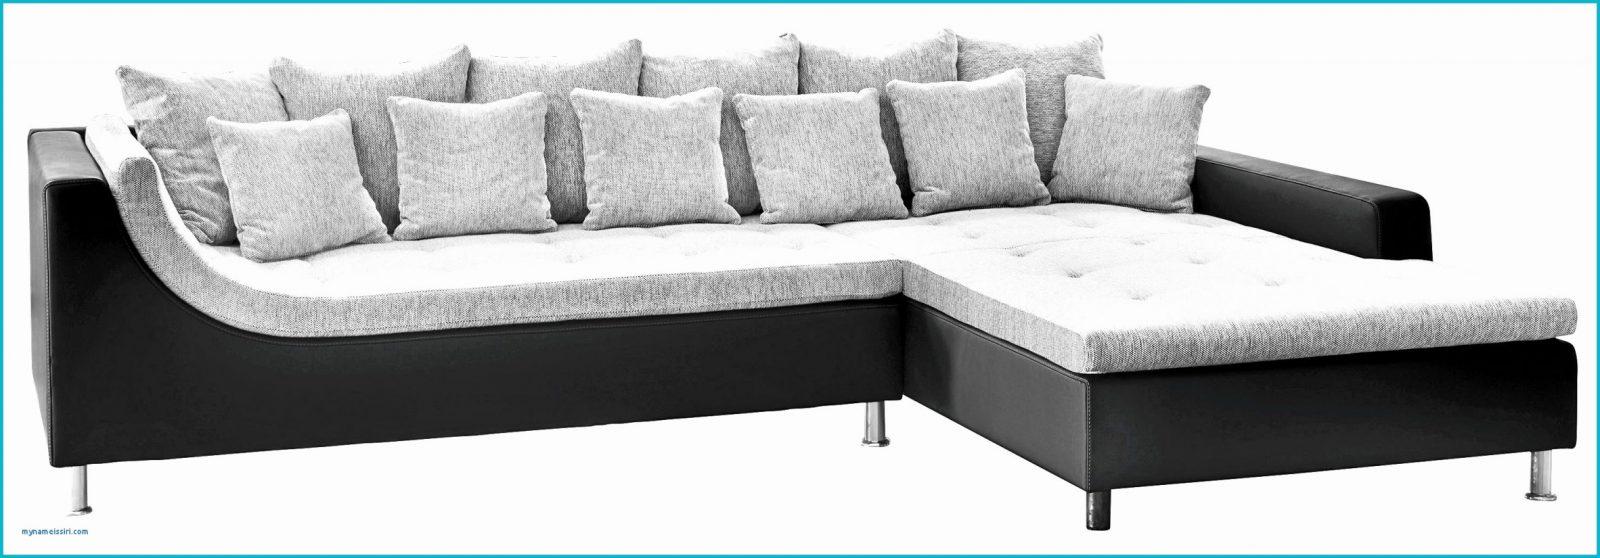 51 Beispiel Auf Rechnung Bestellen Trotz Schufa  Warofindependence von Couch Auf Raten Kaufen Trotz Schufa Bild